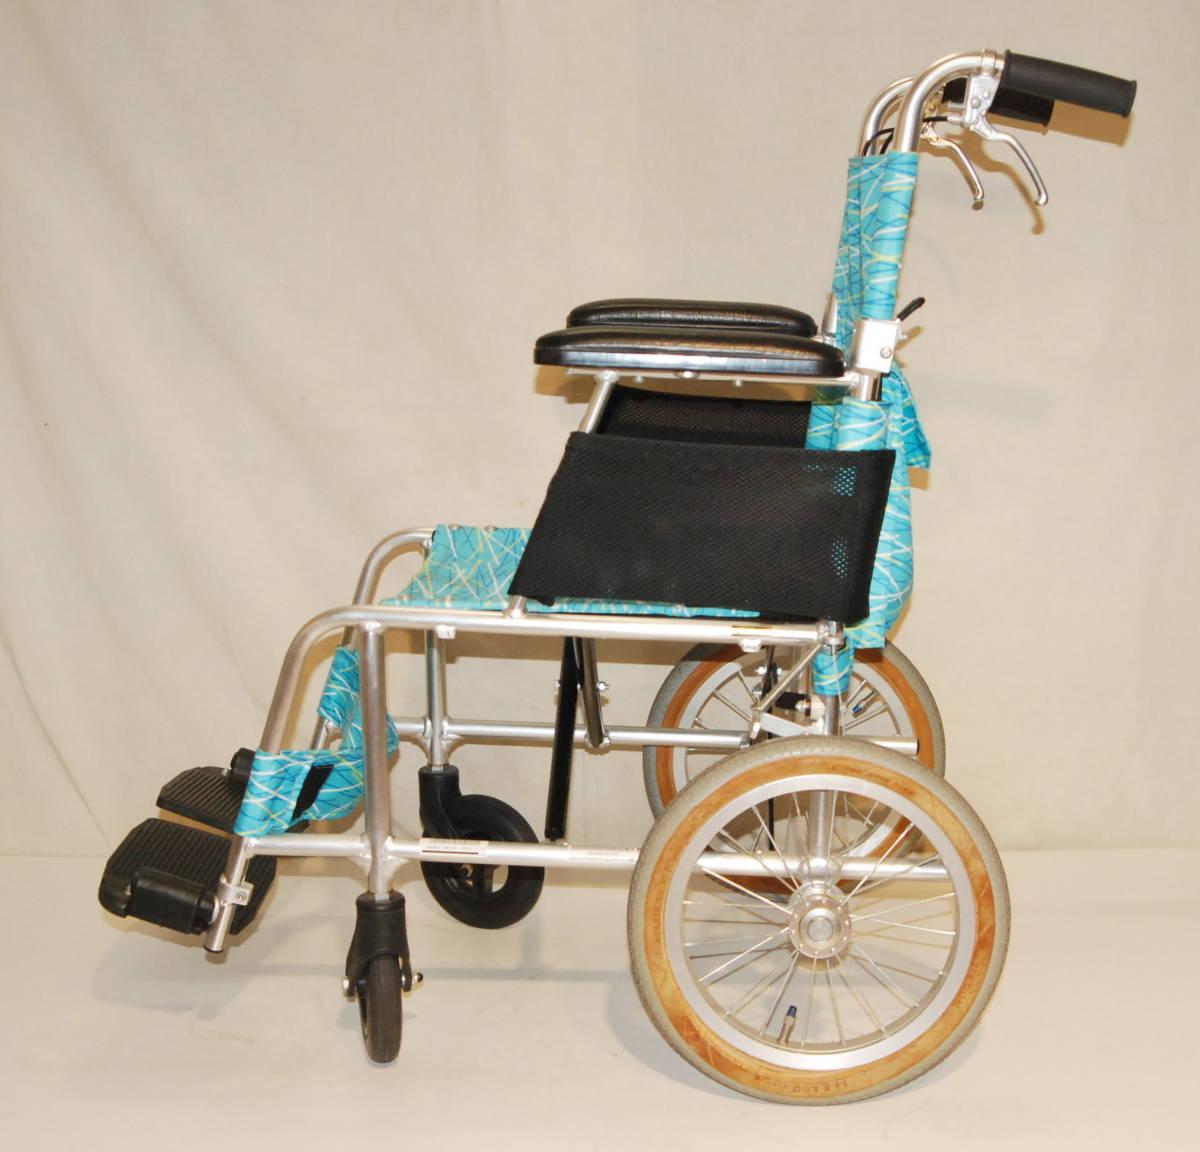 日進医療器 Nissin 車椅子 NAH-L7F 介護式 超軽量型 アルミ製超軽量型介護型車イス 車いす アルミ製_画像8